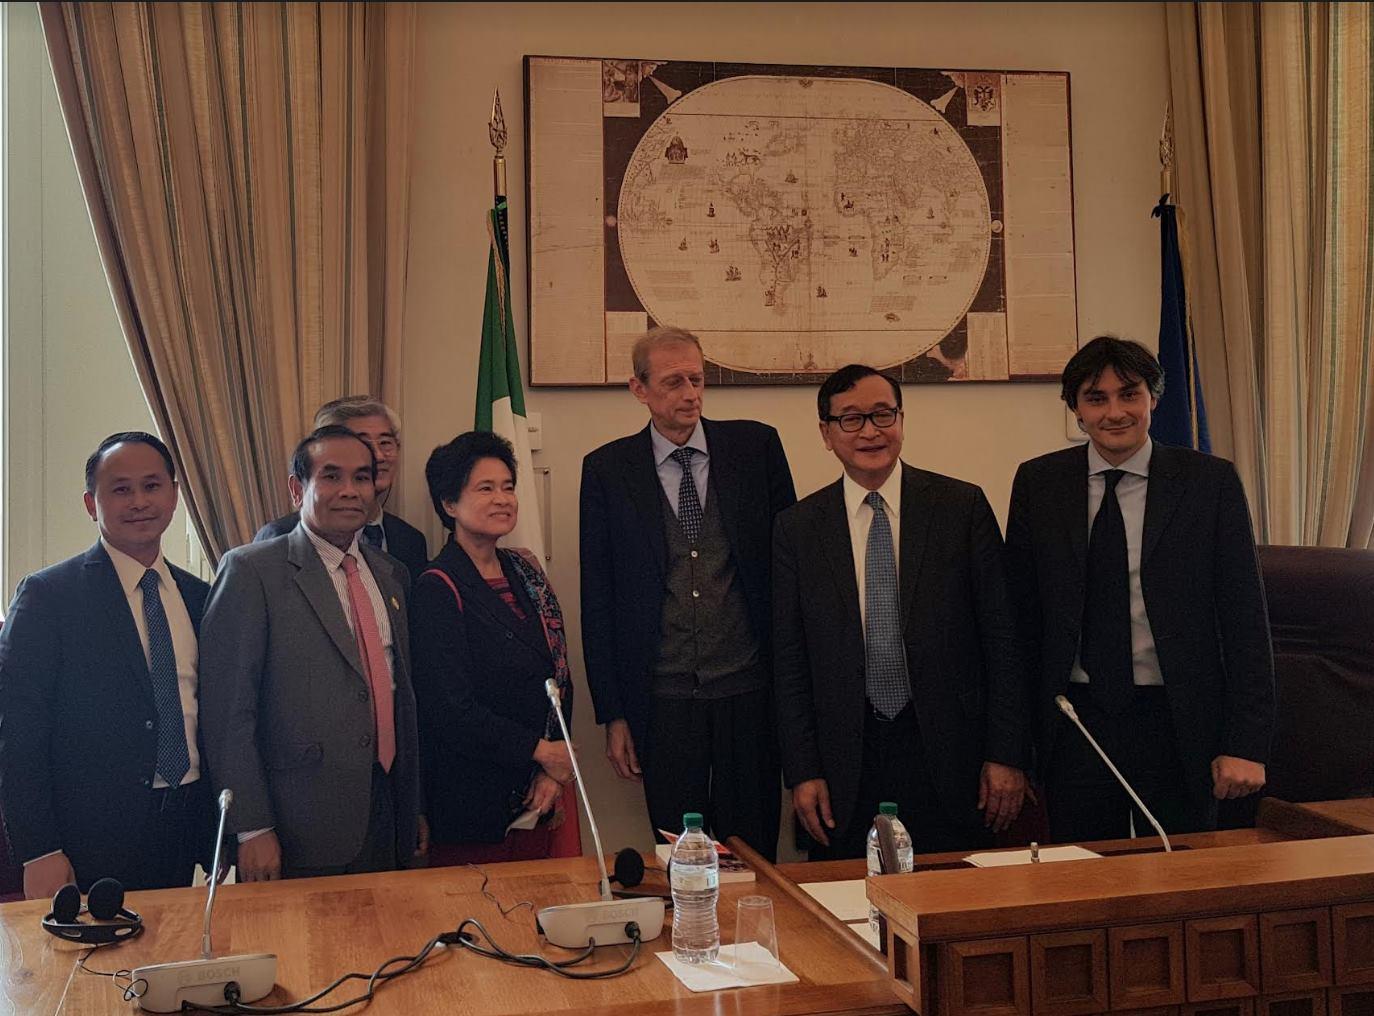 Audizione di sam rainsy alla commissione esteri della for Commissione esteri camera